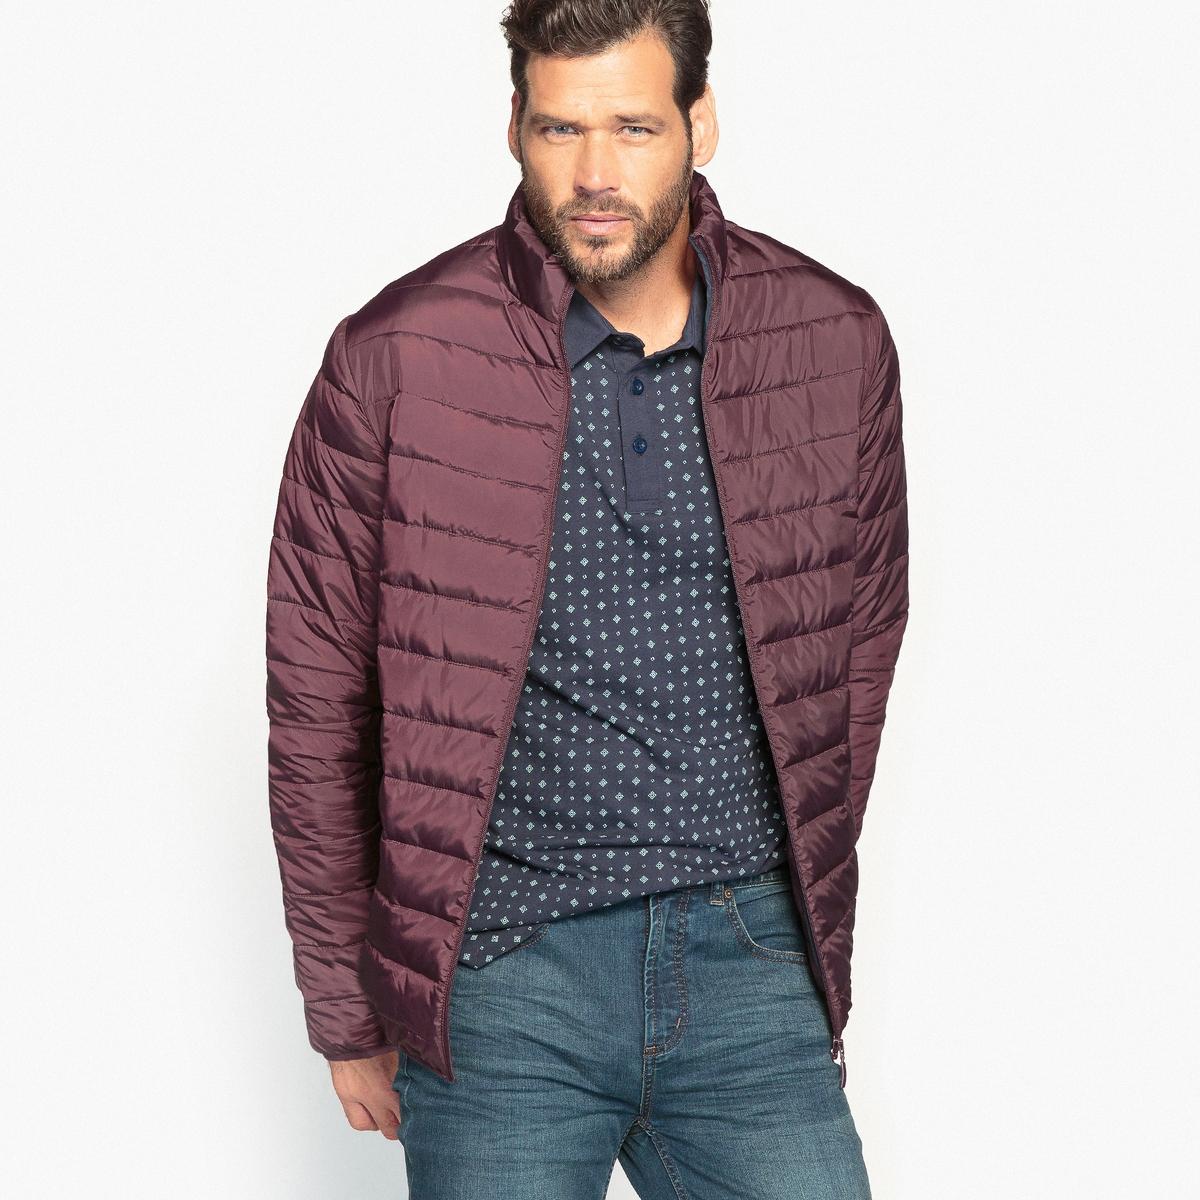 Куртка стёганая тонкая с длинными рукавамиКуртка стёганая тонкая с длинными рукавами. Небольшой воротник-стойка. Застежка на молнию спереди. 2 боковых кармана на молнии. 2 внутренних кармана. 100% полиэстер, внутренний подклад контрастный из 100% полиэстера. Длина 77 см.<br><br>Цвет: бордовый